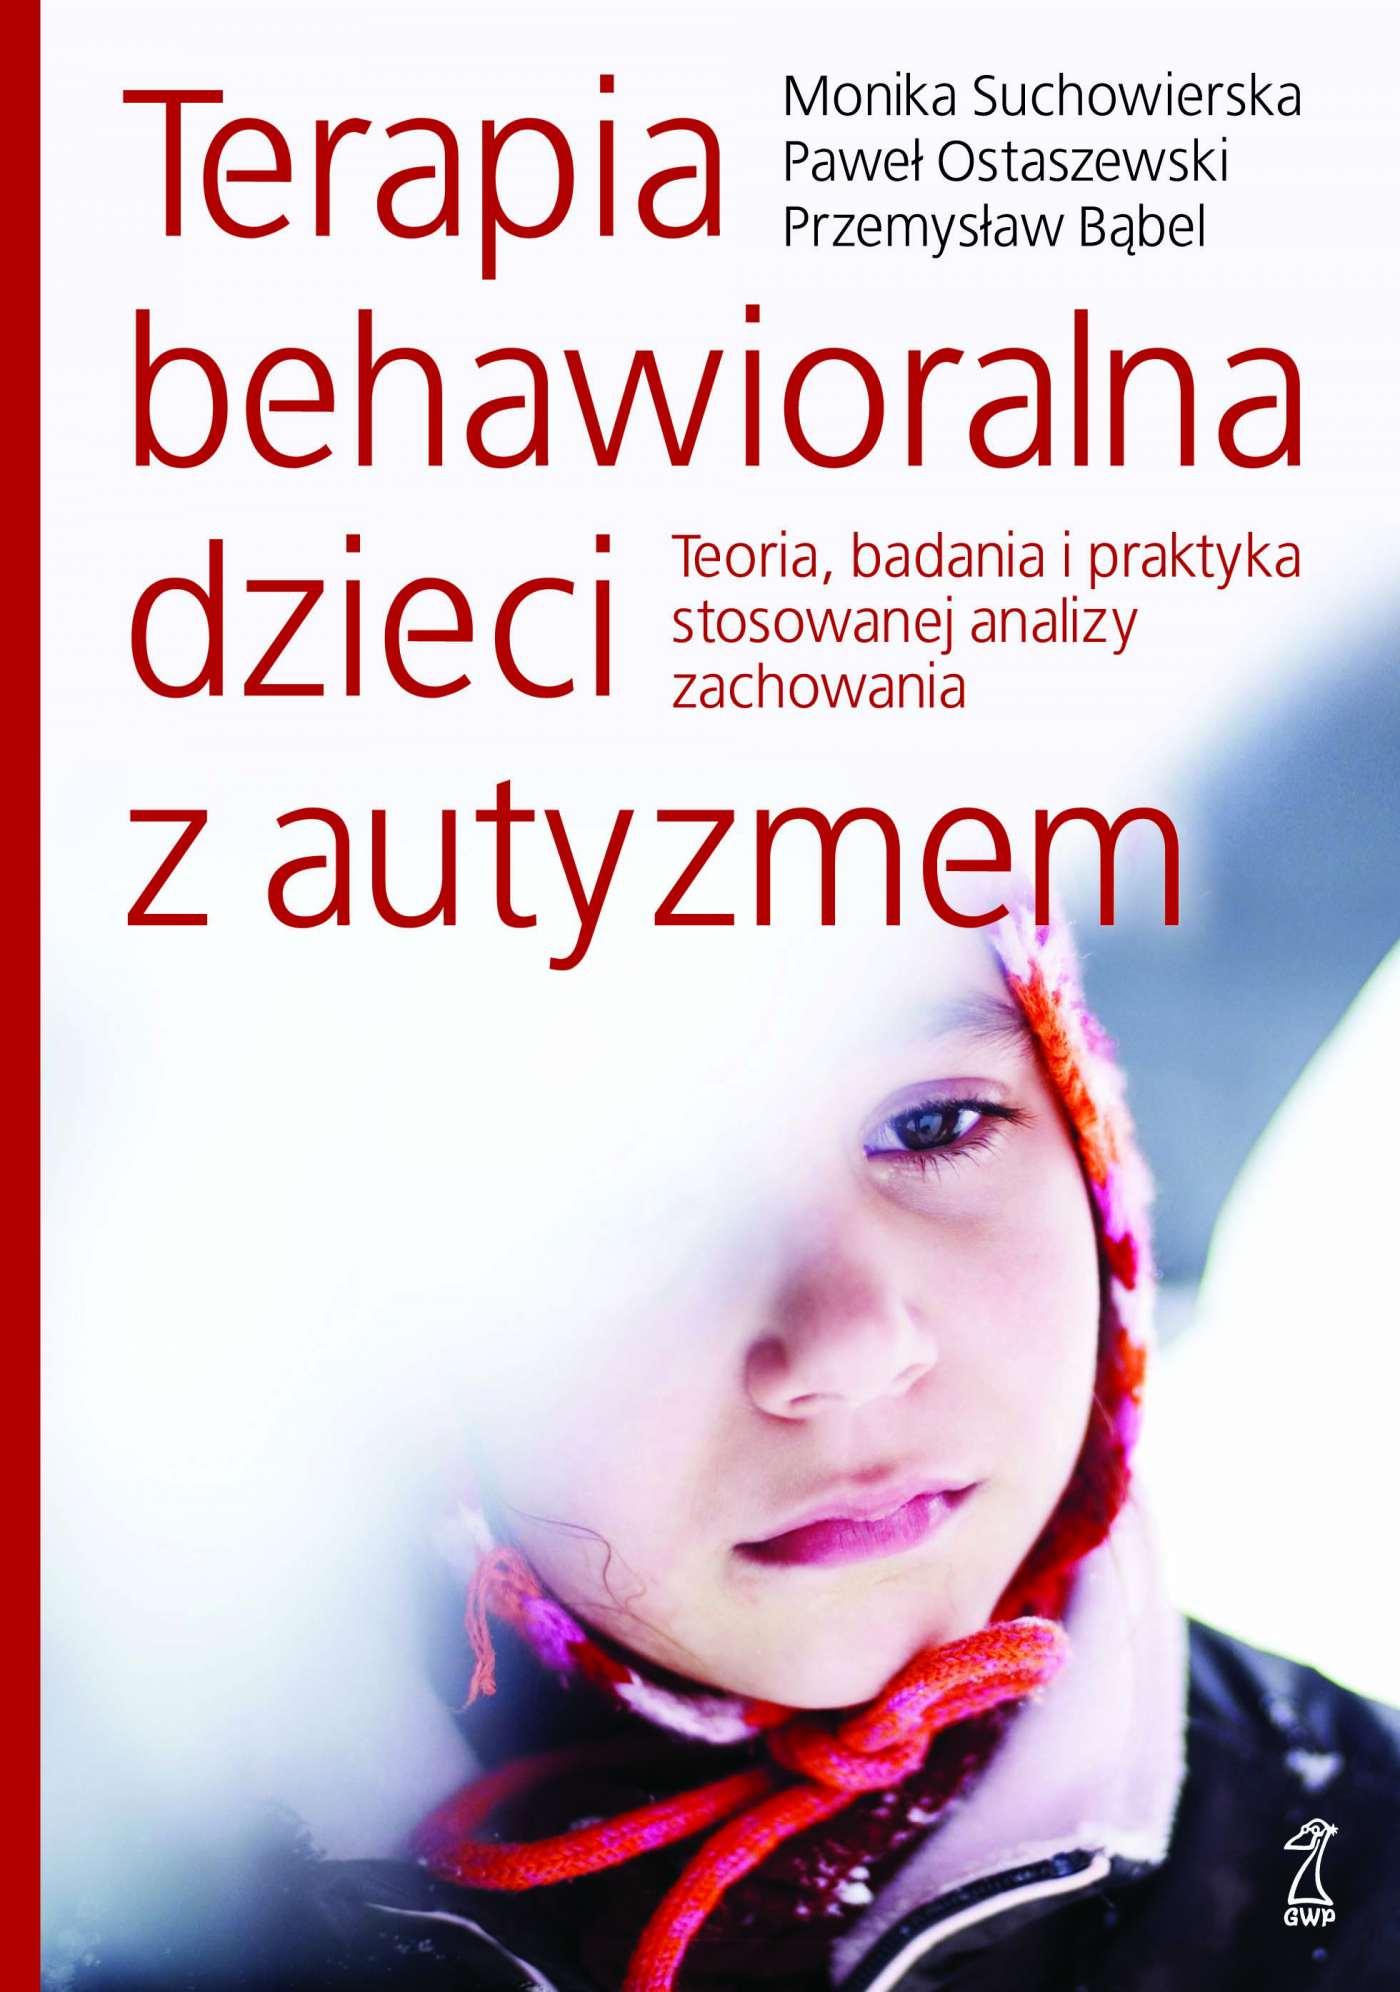 Terapia behawioralna dzieci z autyzmem. Teoria, badania i praktyka stosowanej analizy zachowania - Ebook (Książka EPUB) do pobrania w formacie EPUB